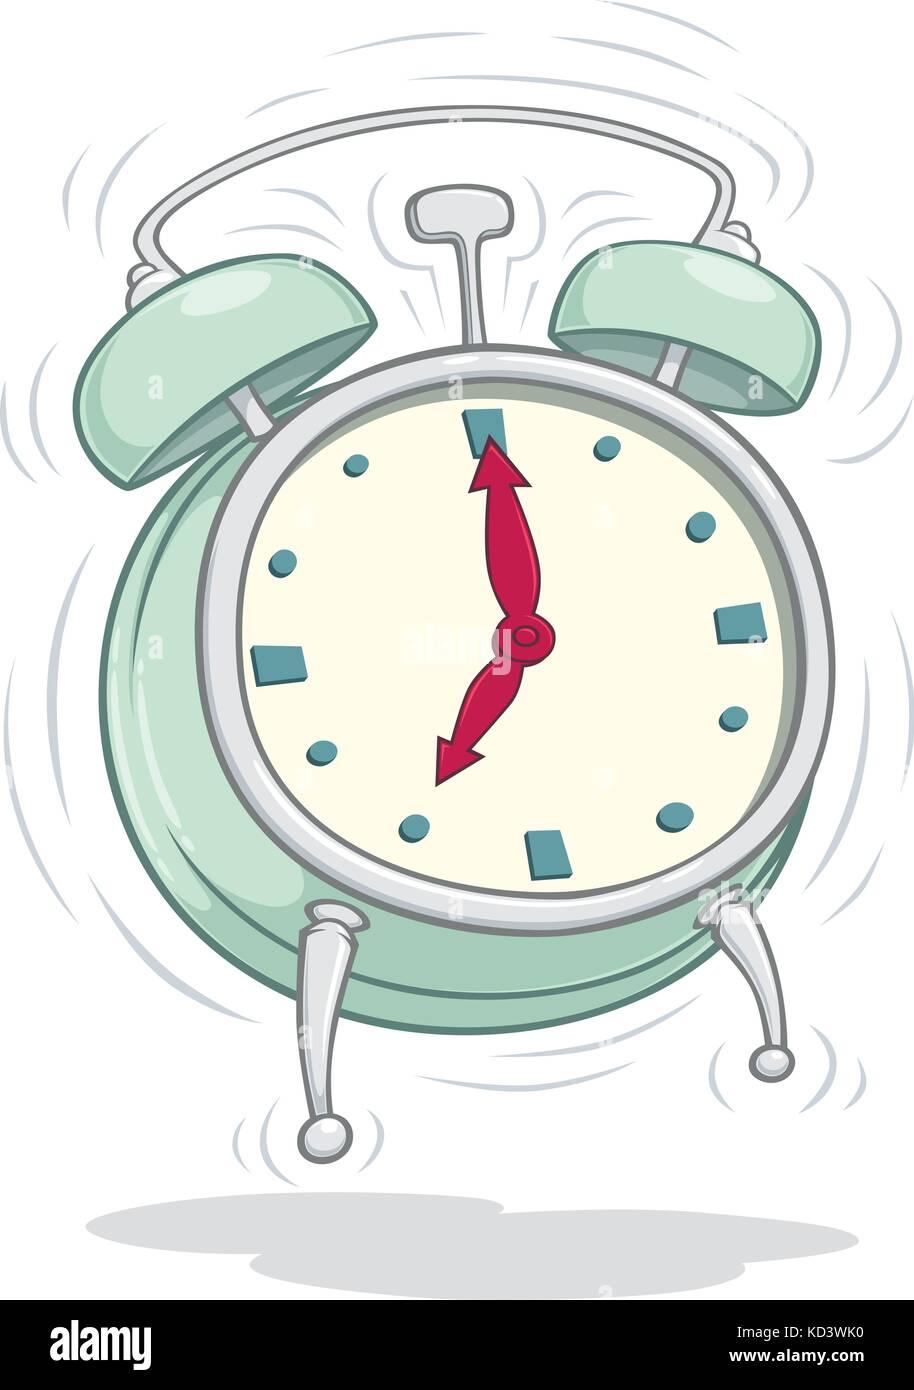 Disegno Sveglia Che Suona.Vector Cartoon Di Un Vecchio Orologio Sveglia Che Suona